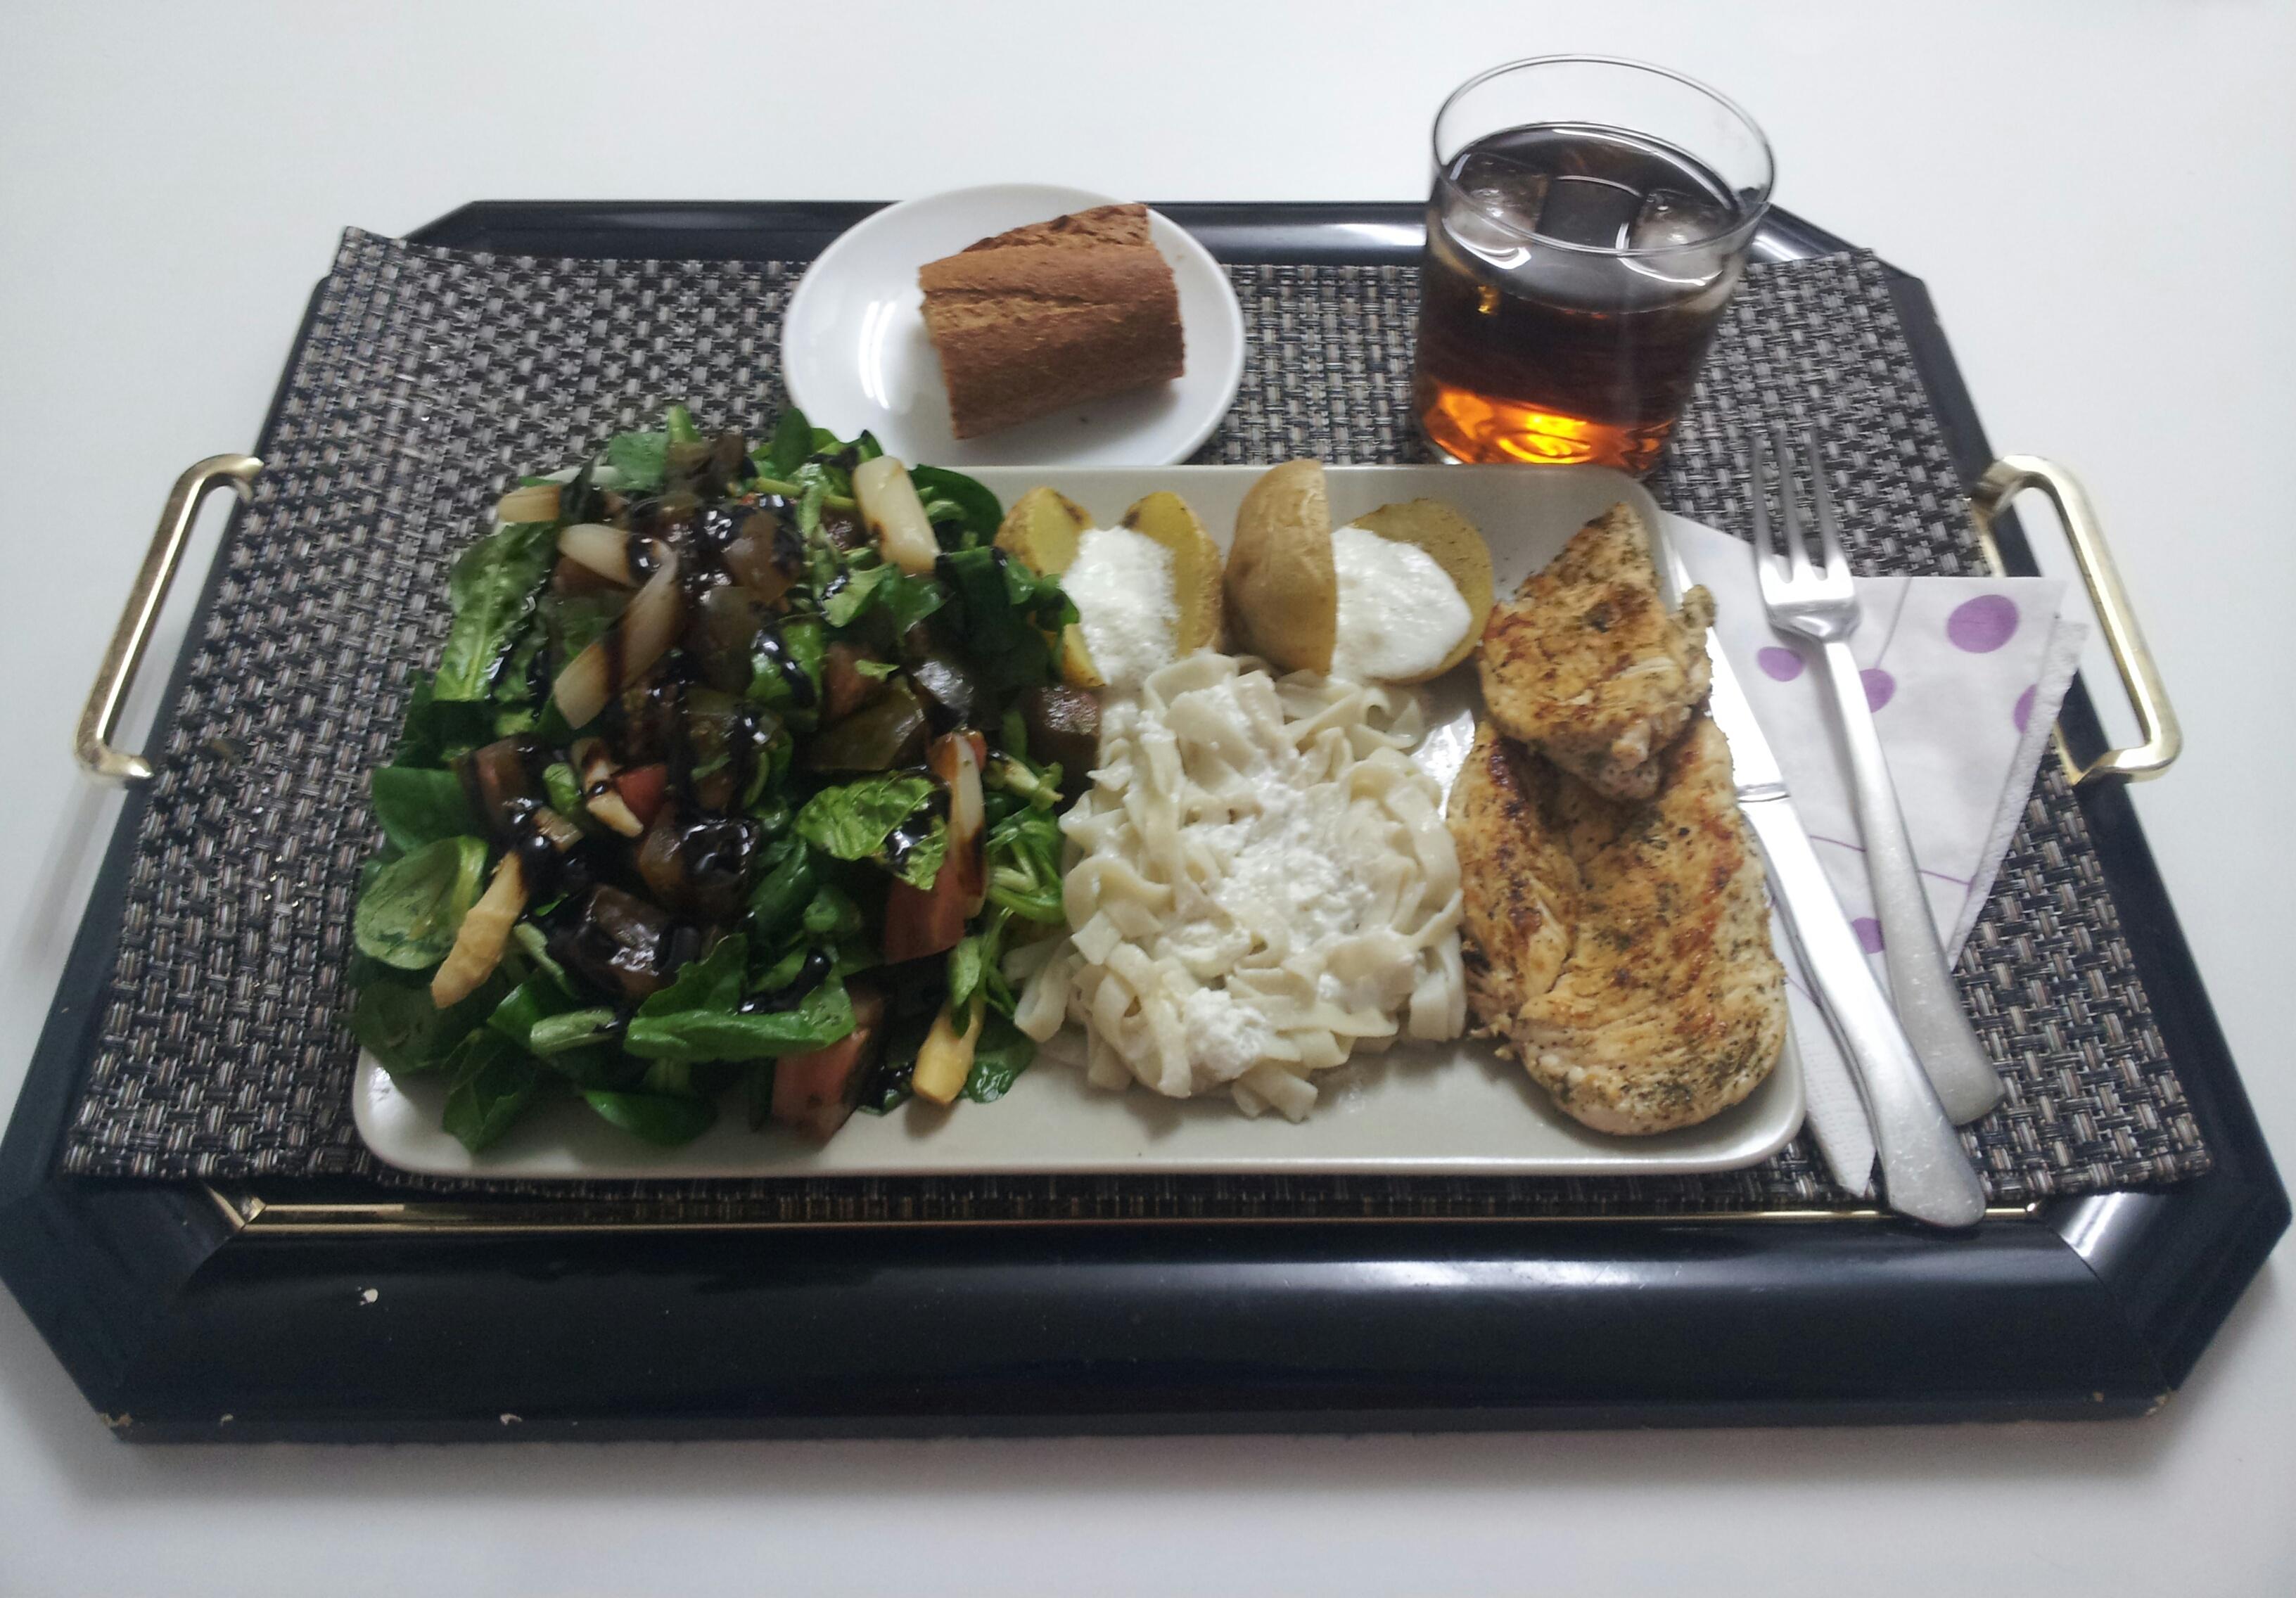 comida sana, recetas saludables